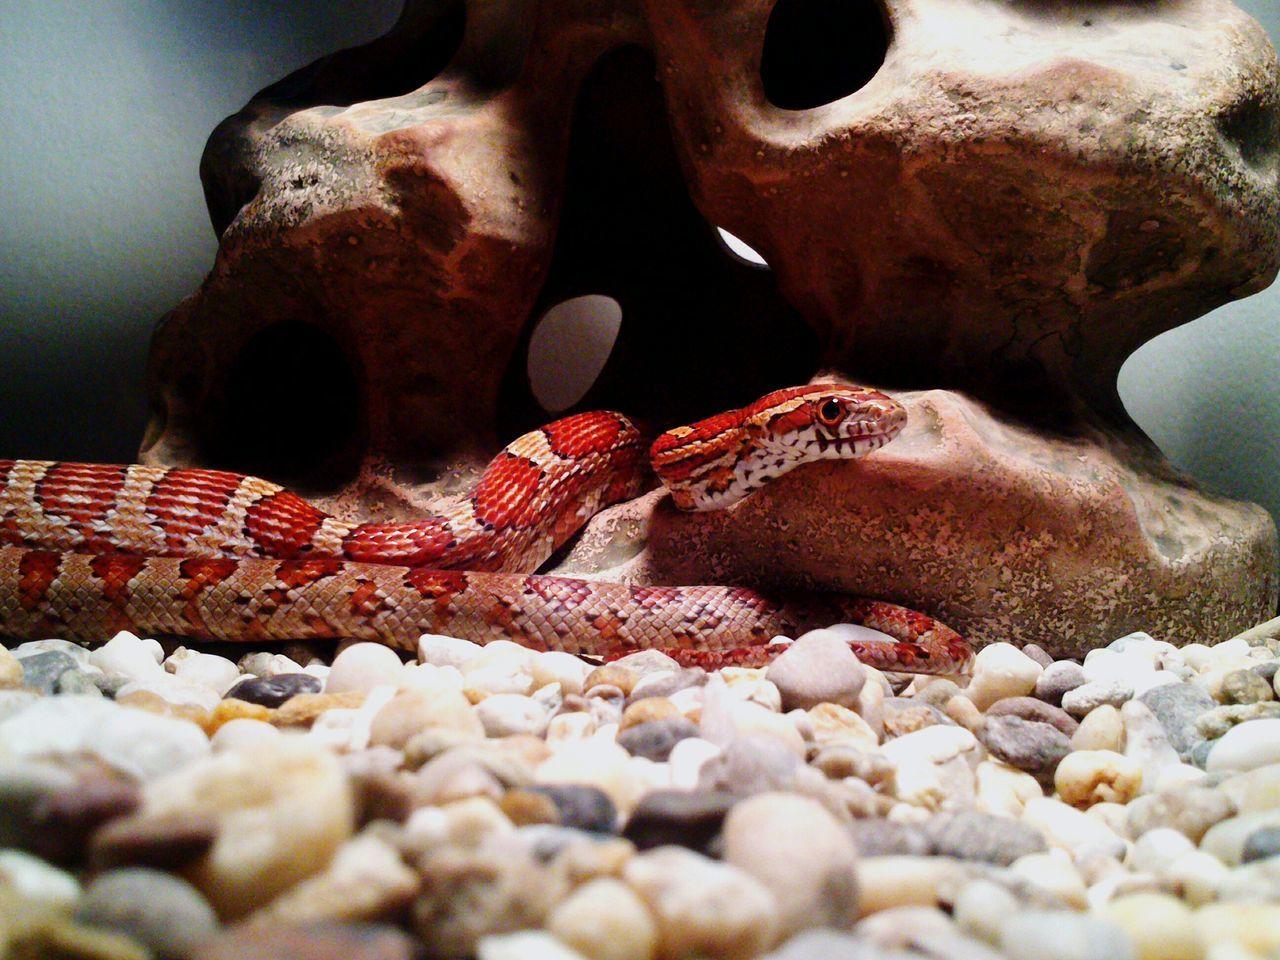 Snake Snakes Snakes Are Beautiful Snake Eyes Snakeskin Snakes Of Eyeem Snake Photography Snakelover  Snake Skin